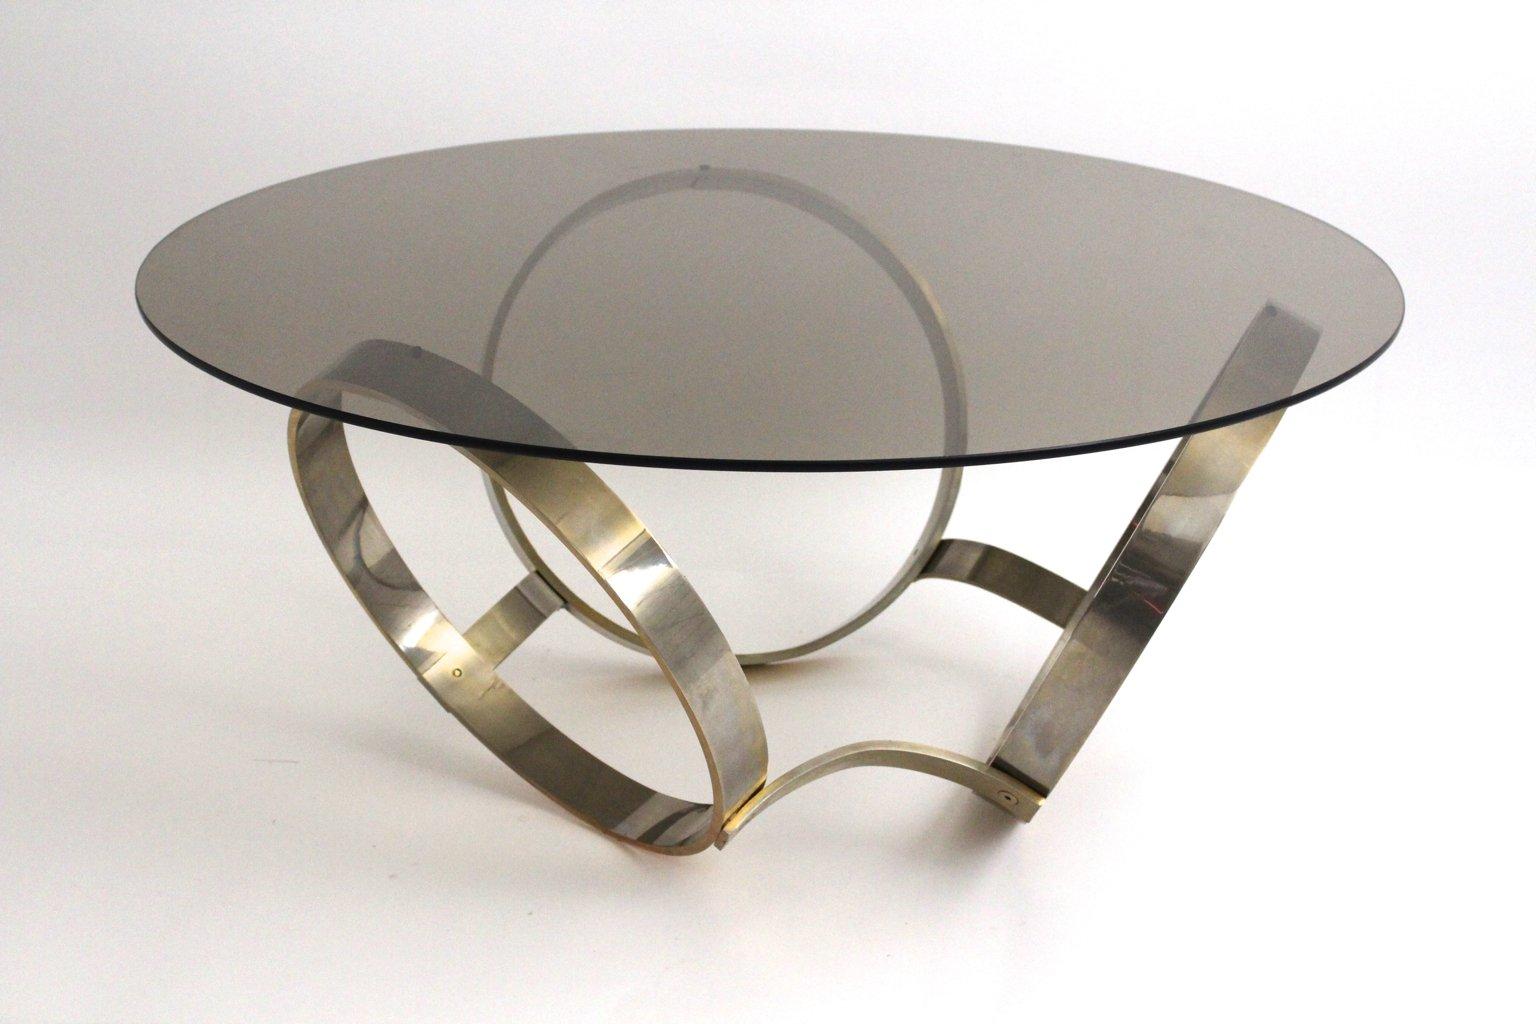 couchtisch aus rauchglas mit drei ring gestell 1970er bei pamono kaufen. Black Bedroom Furniture Sets. Home Design Ideas